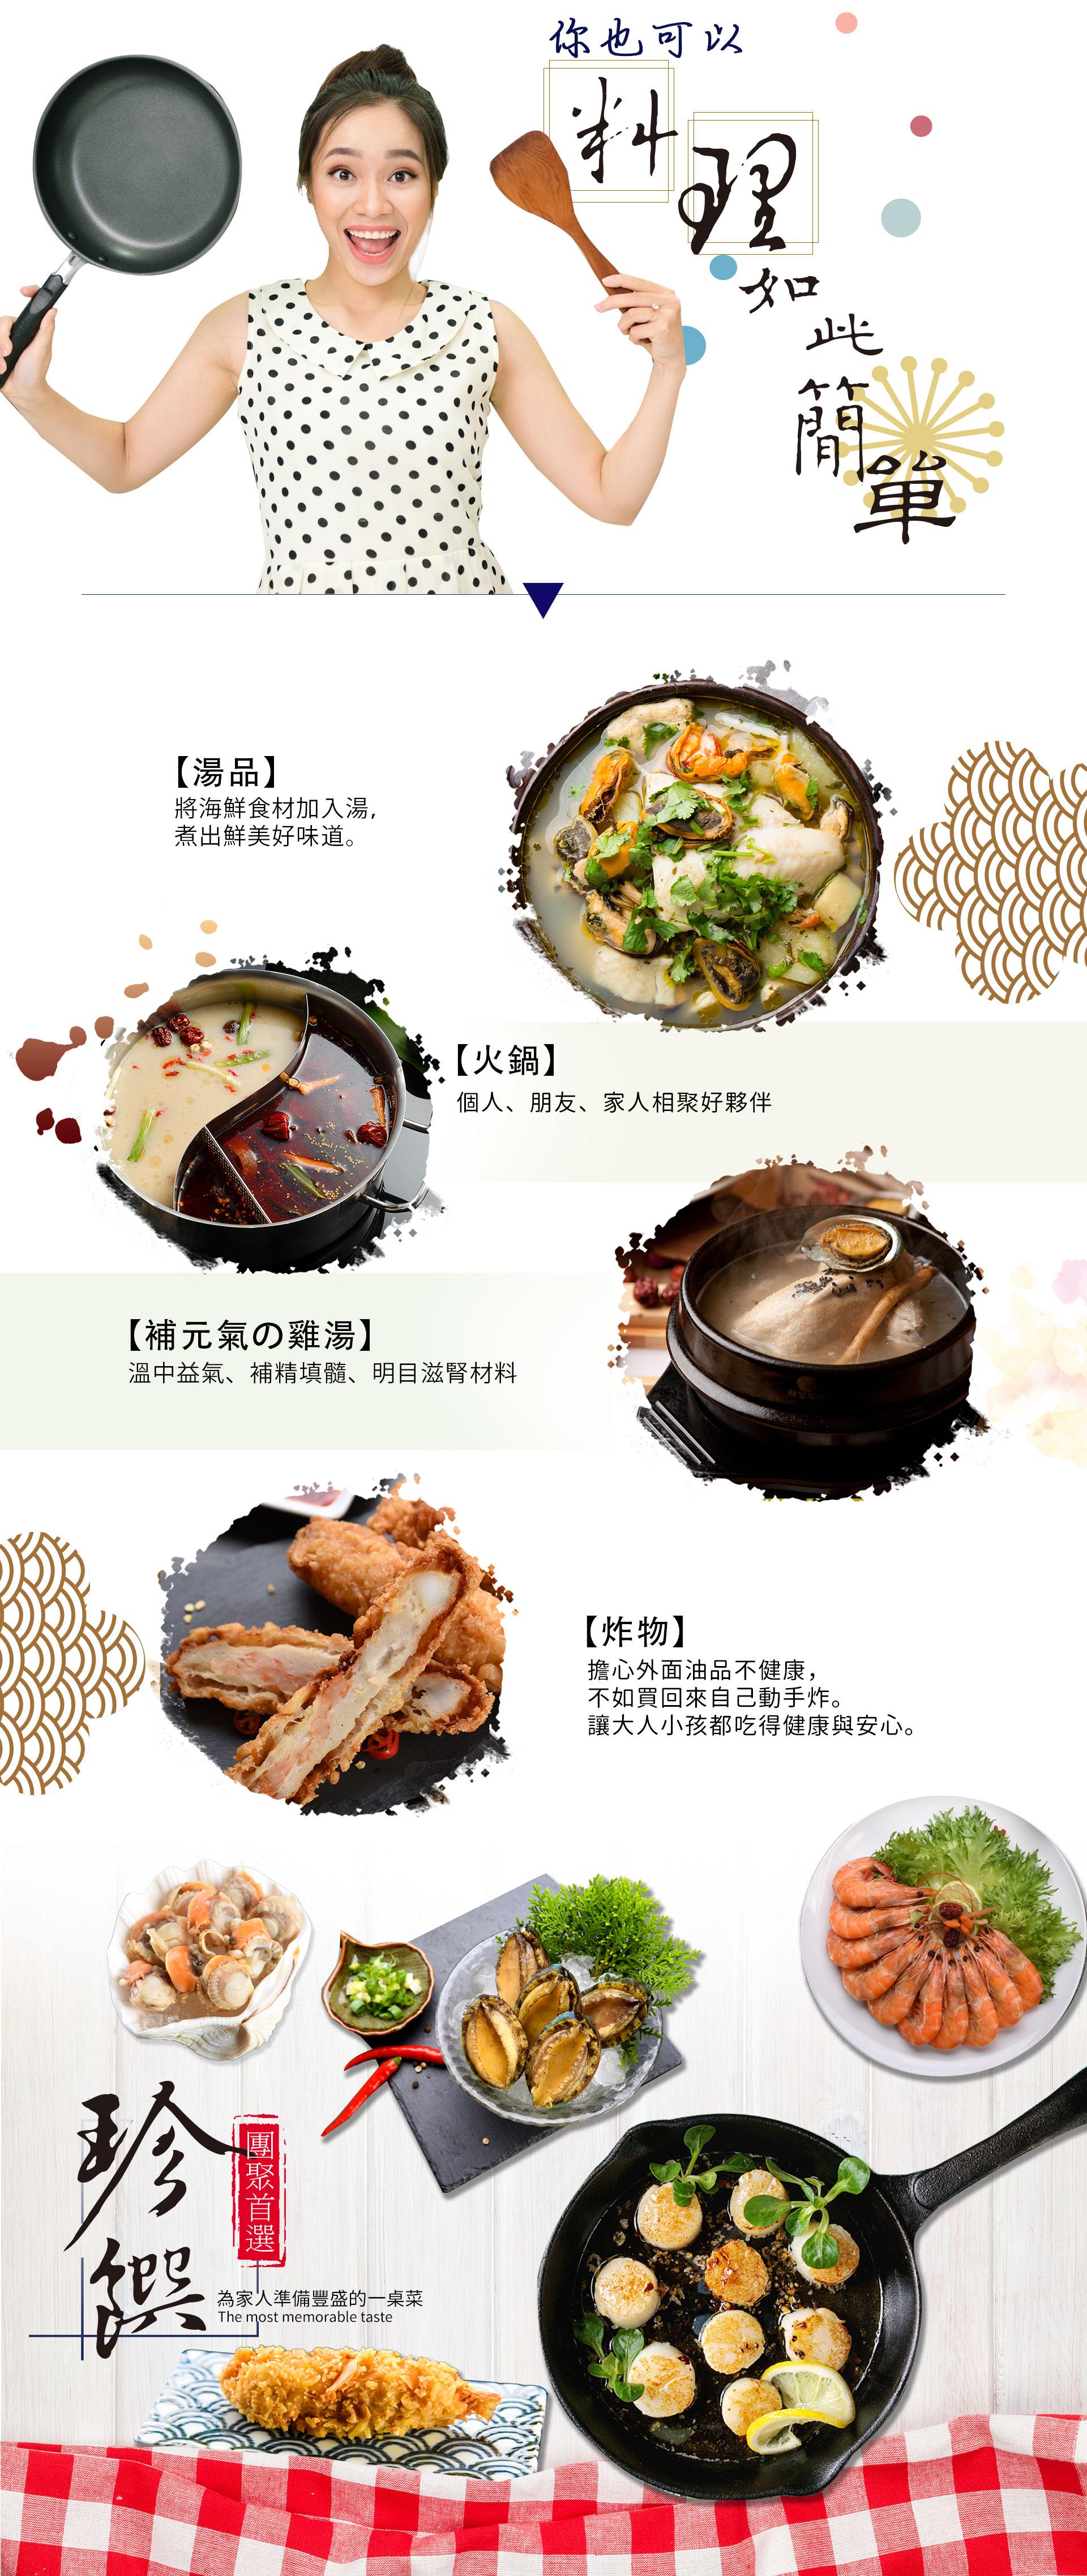 優質海寶,海鮮,火鍋料,鍋燒意麵,創意料理